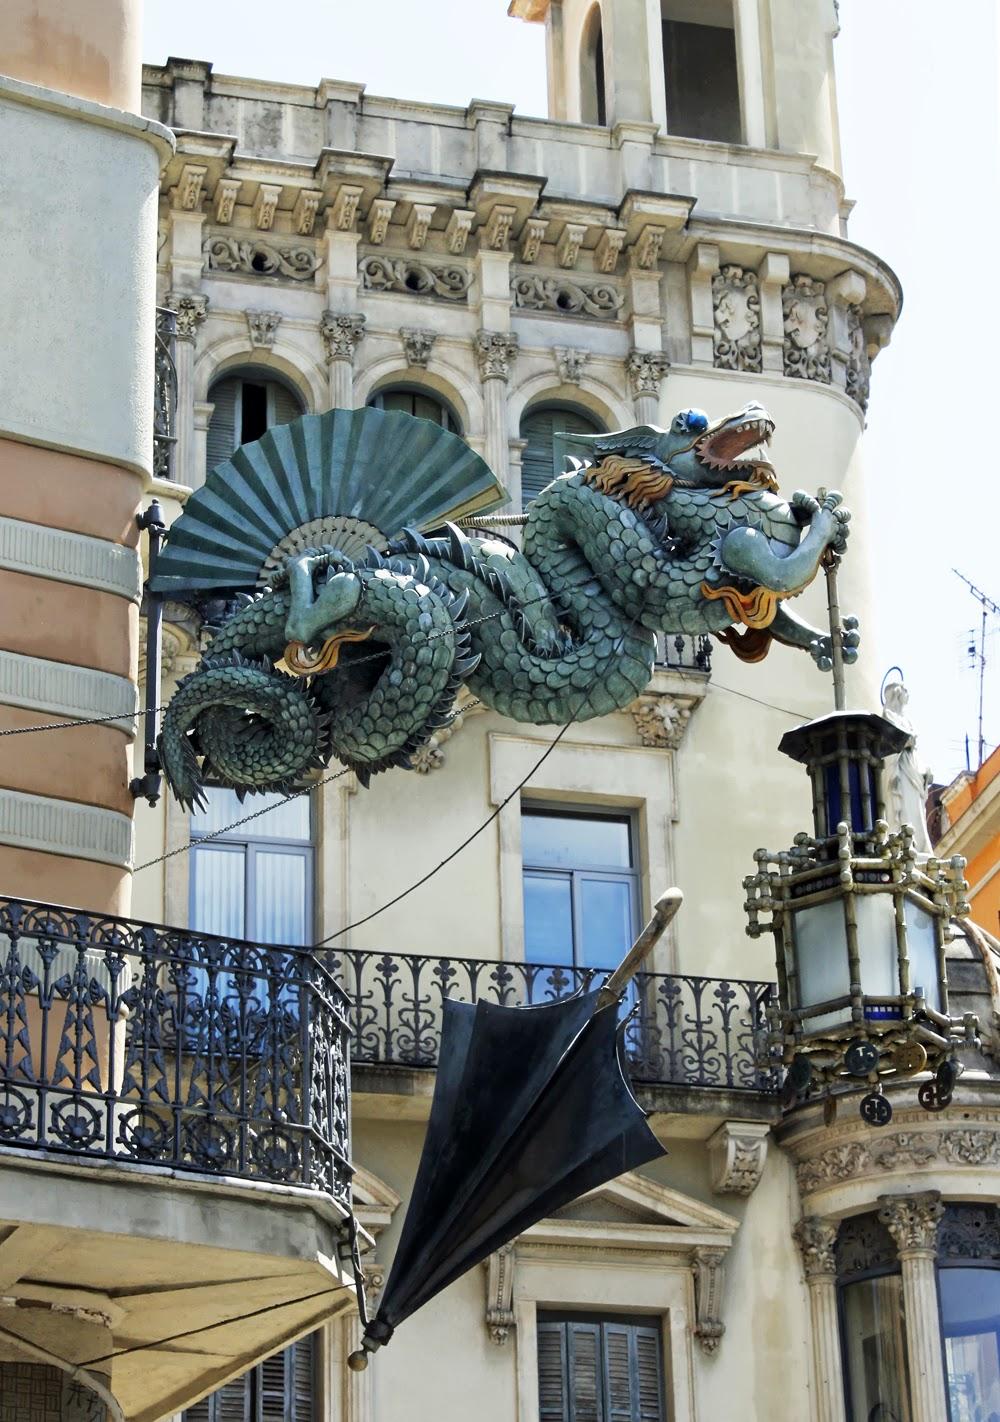 Am dolce vita barcelona gaudi 39 s dragon - Art deco barcelona ...